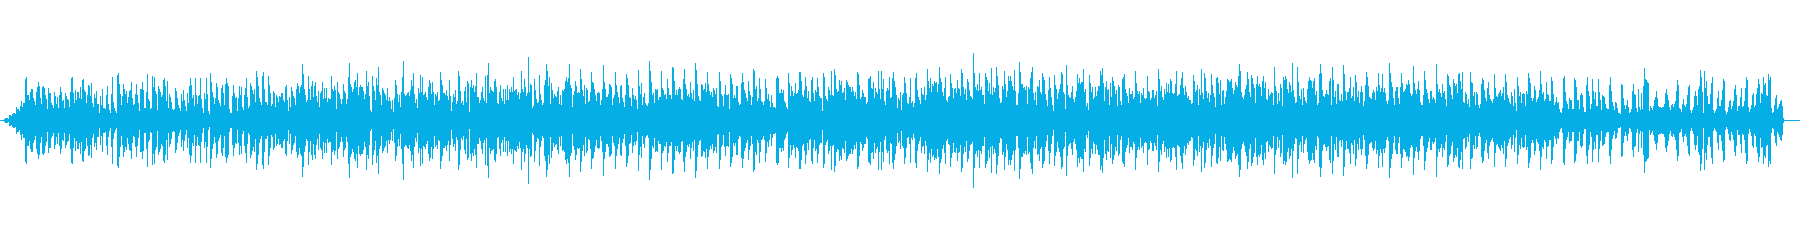 生音収録 優しく甘く夢心地の再生済みの波形